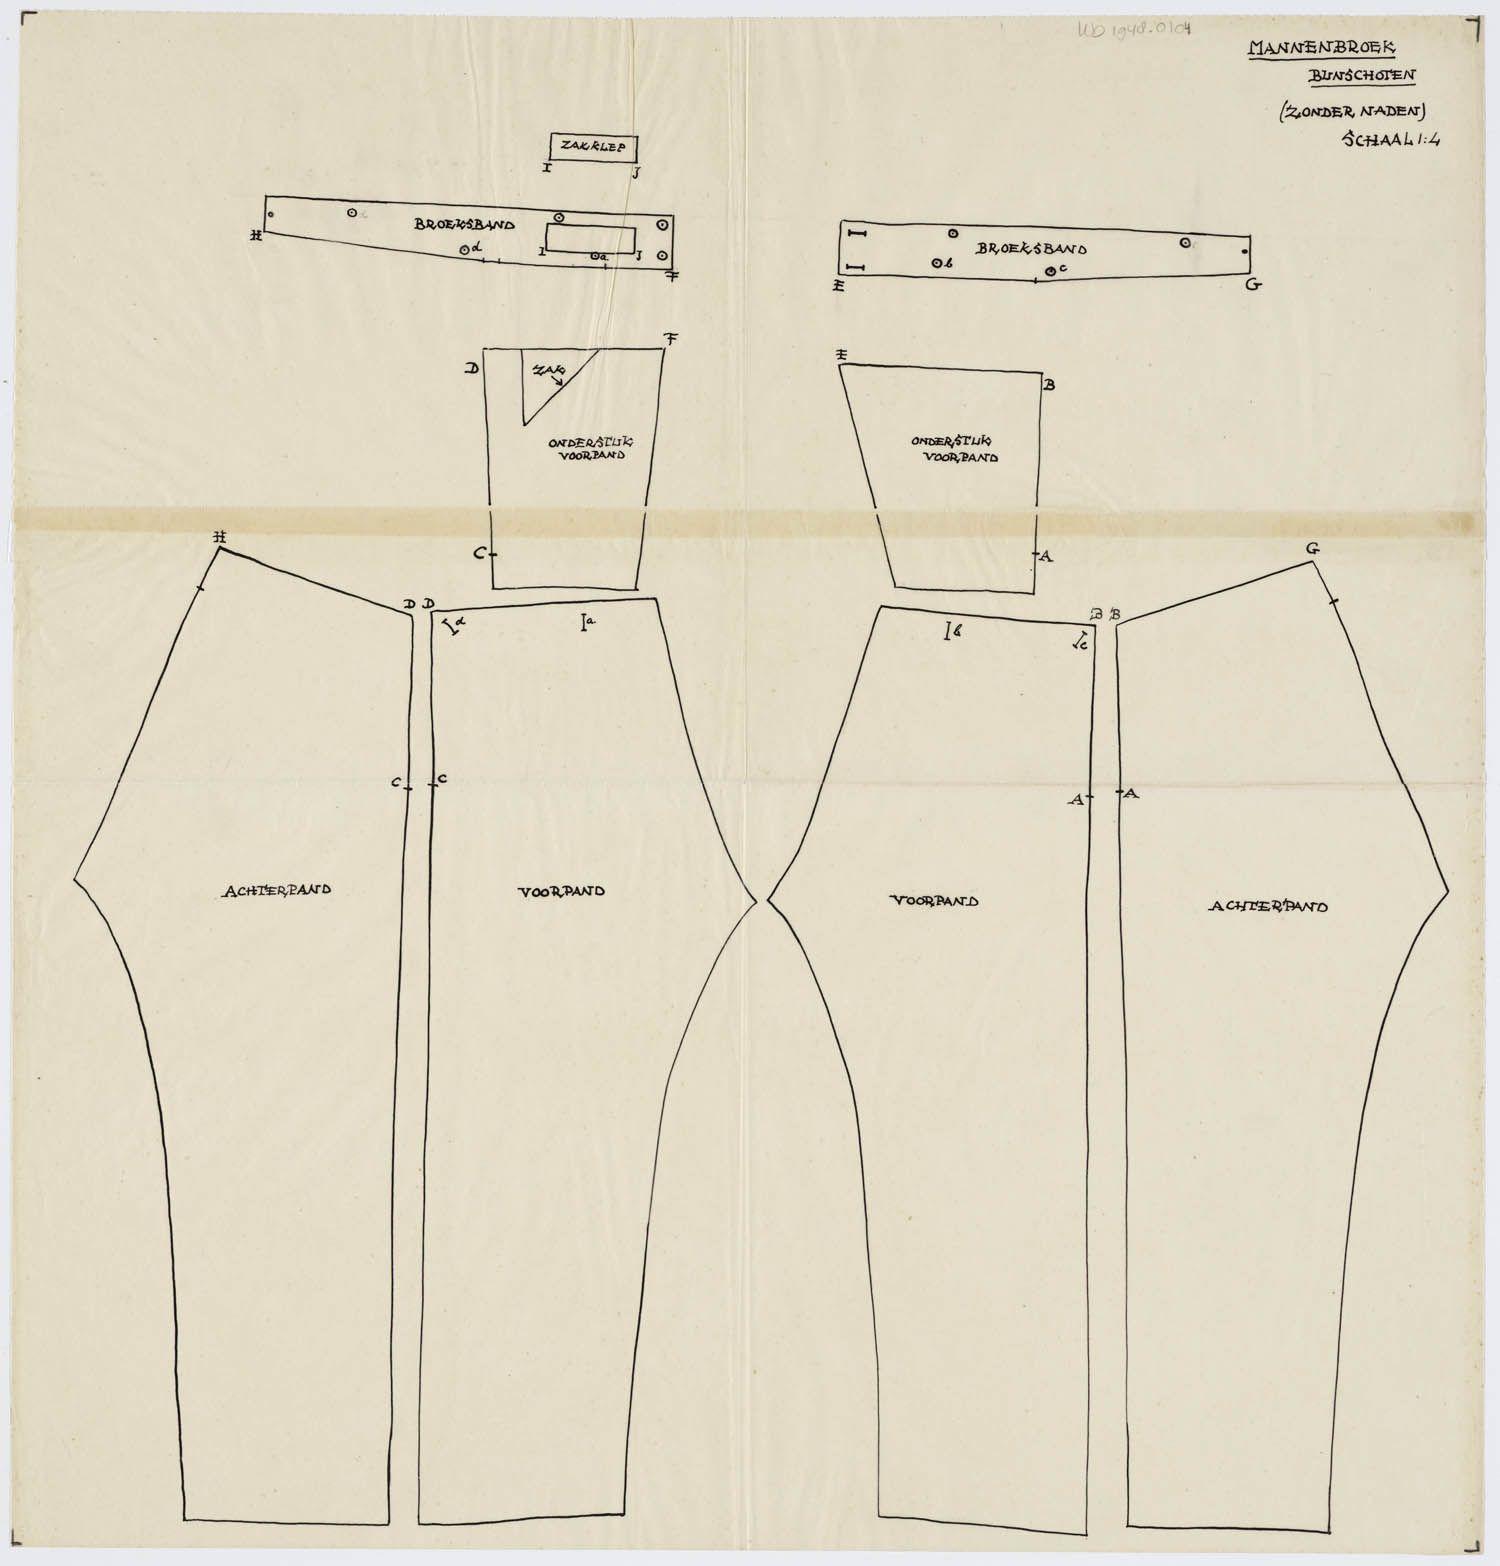 Patroontekening broek, man Bunschoten. Schaal 1:4. 1948 #Utrecht #Spakenburg